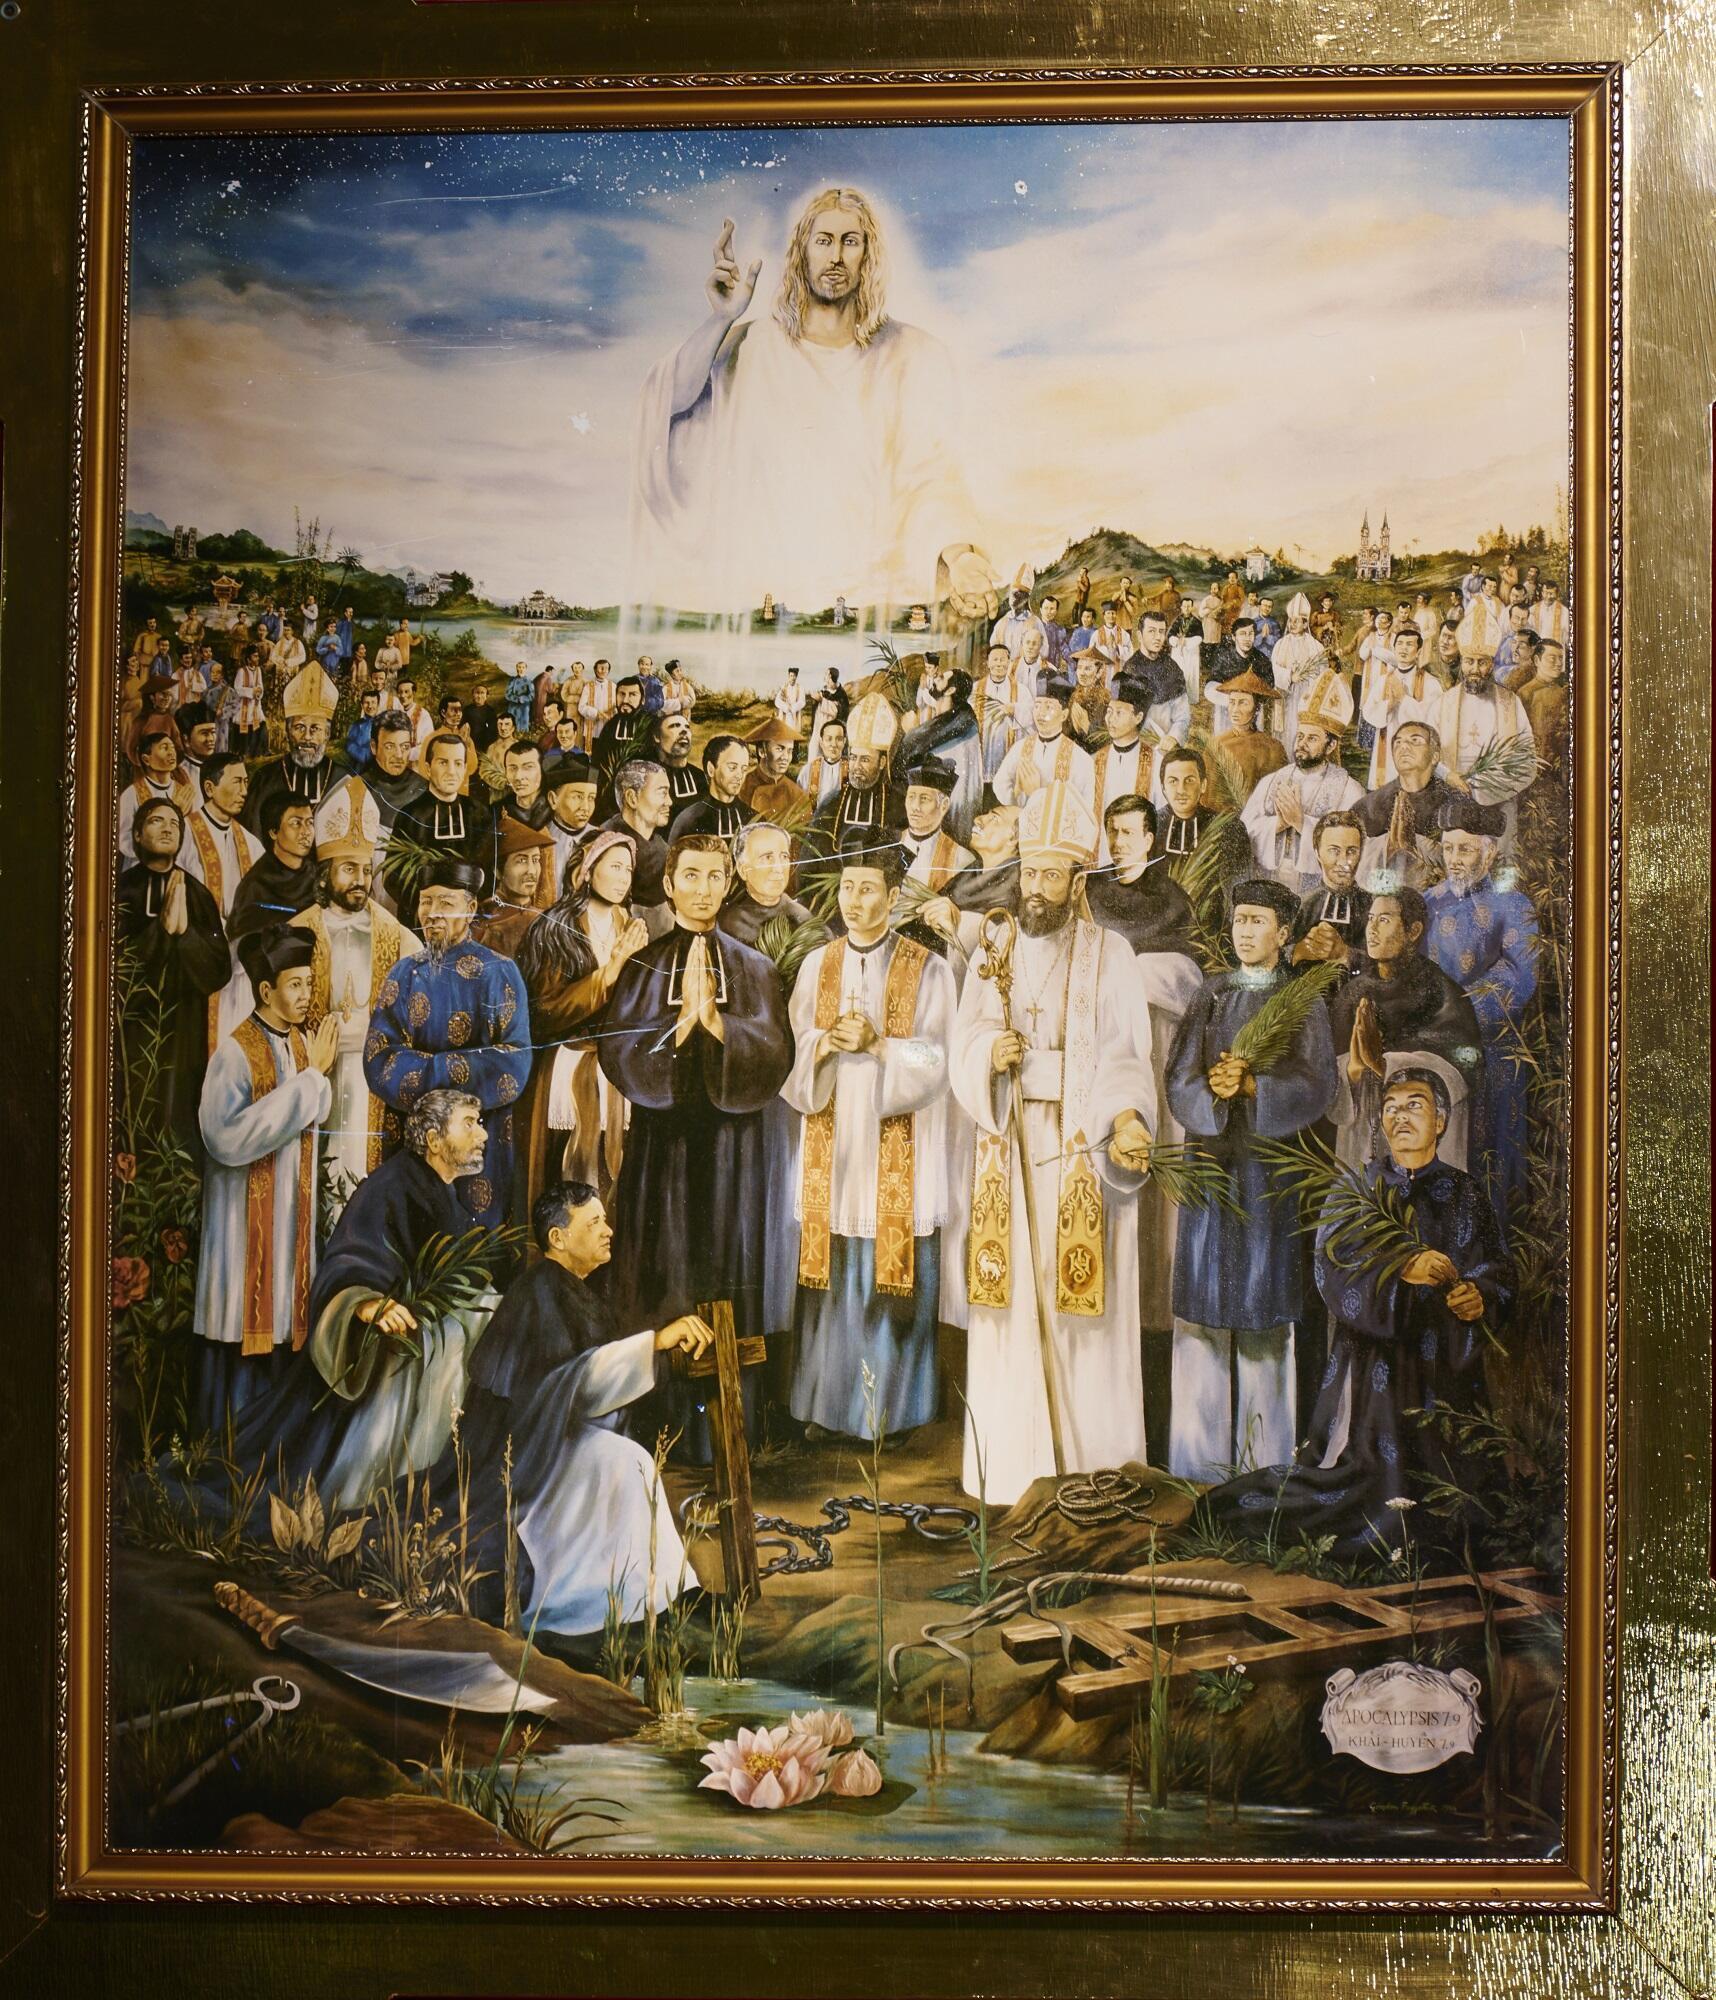 Ảnh chụp bức tranh 117 thánh tử đạo Việt Nam.